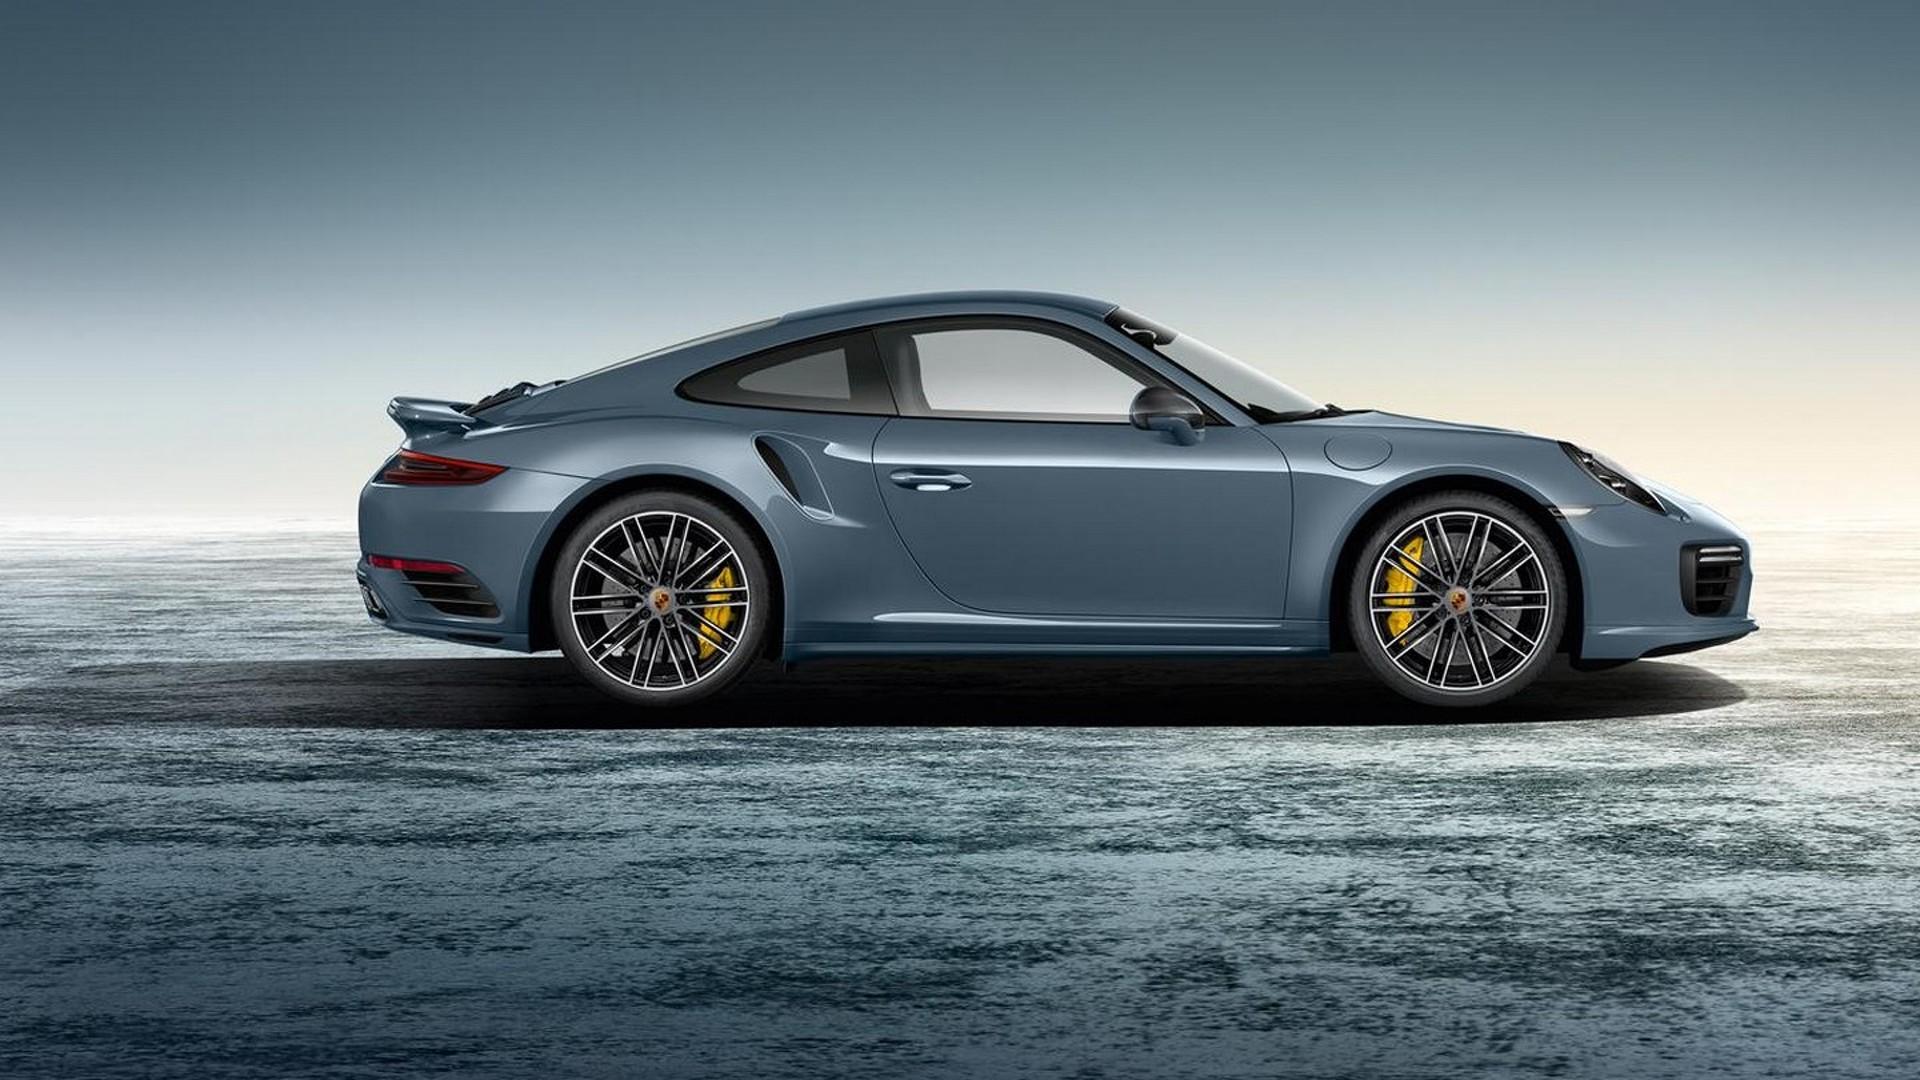 porsche-911-facelift-by-porsche-exclusive1 Exciting Porsche 911 Gt2 La Centrale Cars Trend